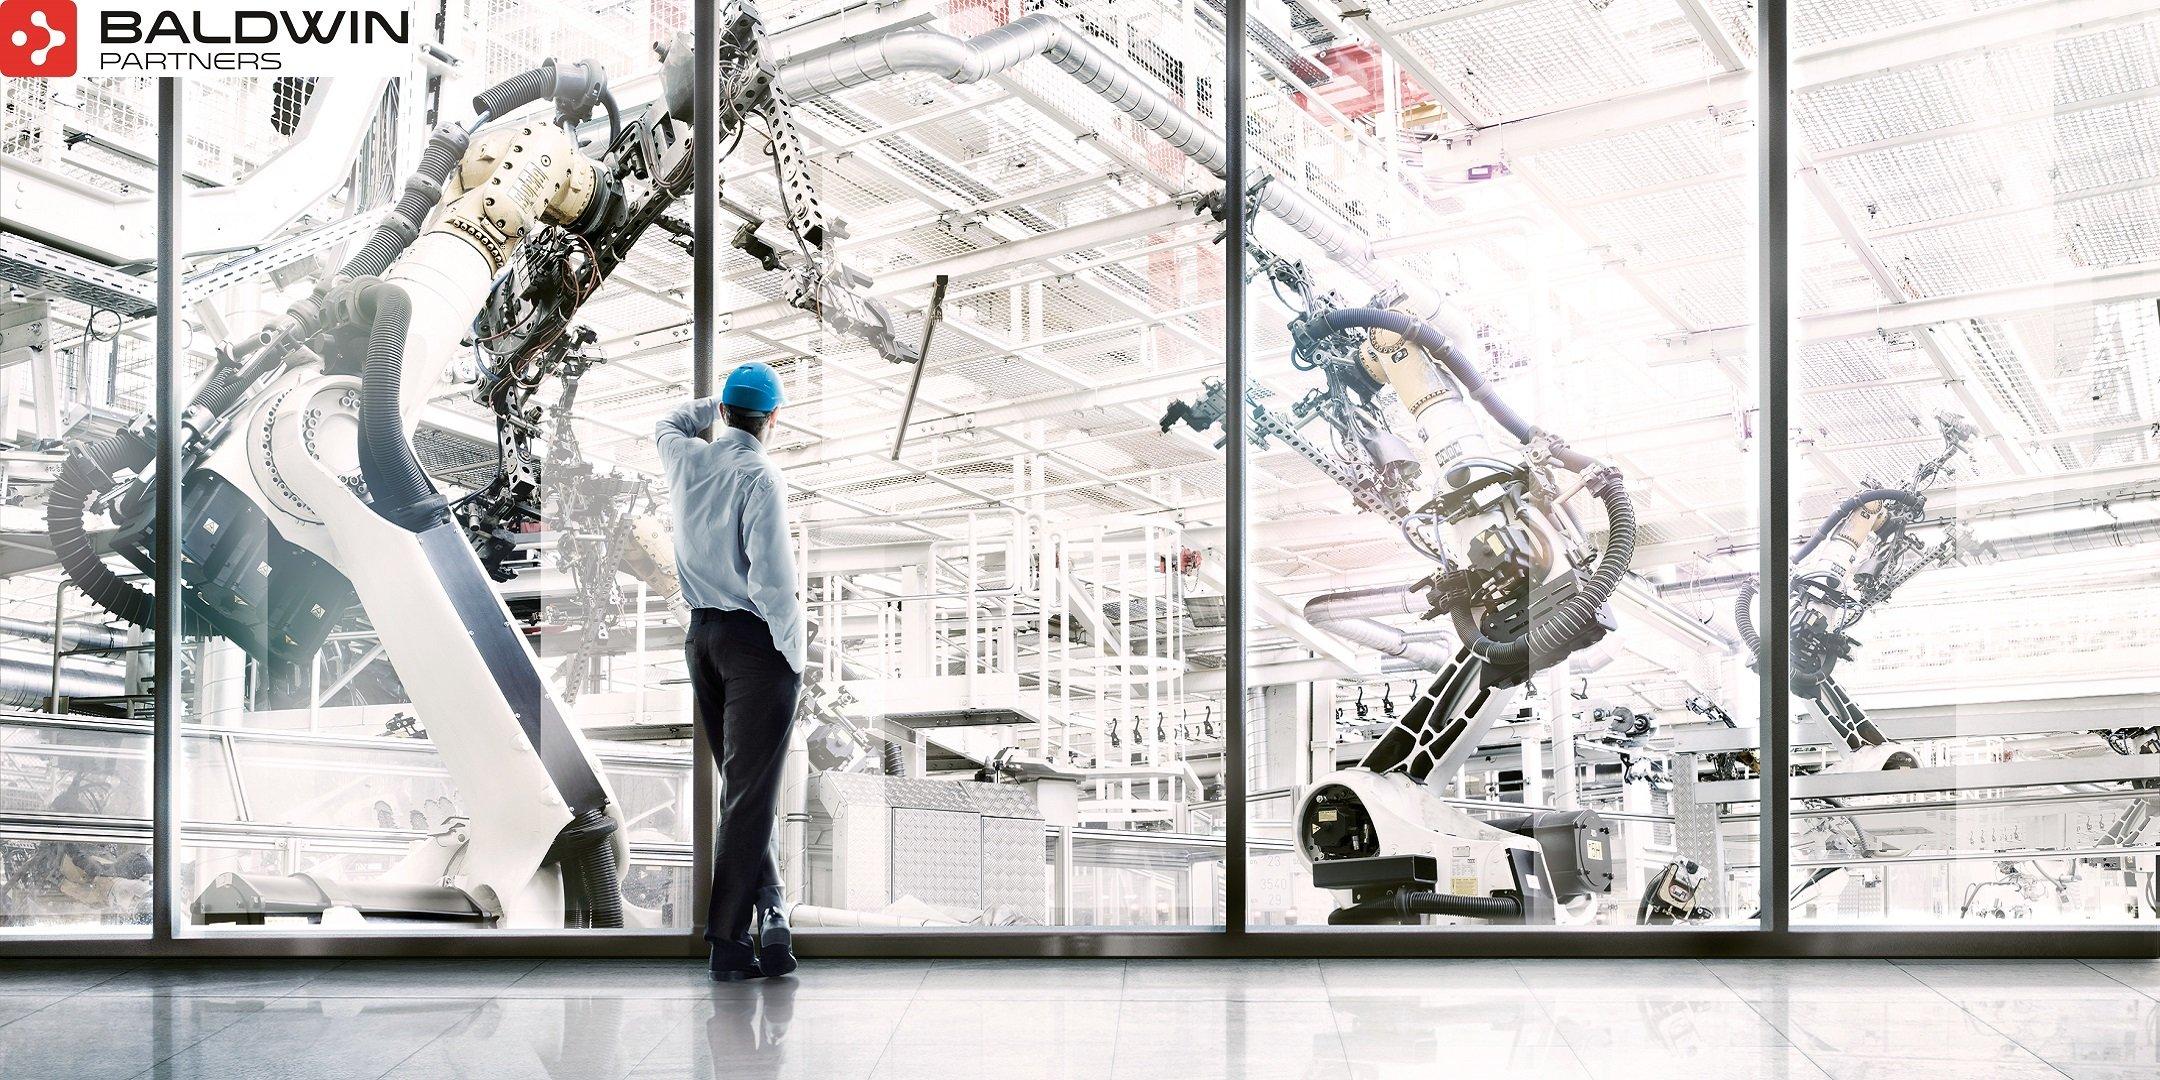 baldwin partners industrie 4.0 nantes conférence technique conseil nantes ingénierie La nécessité du mode Service de l'Industrie 4.0